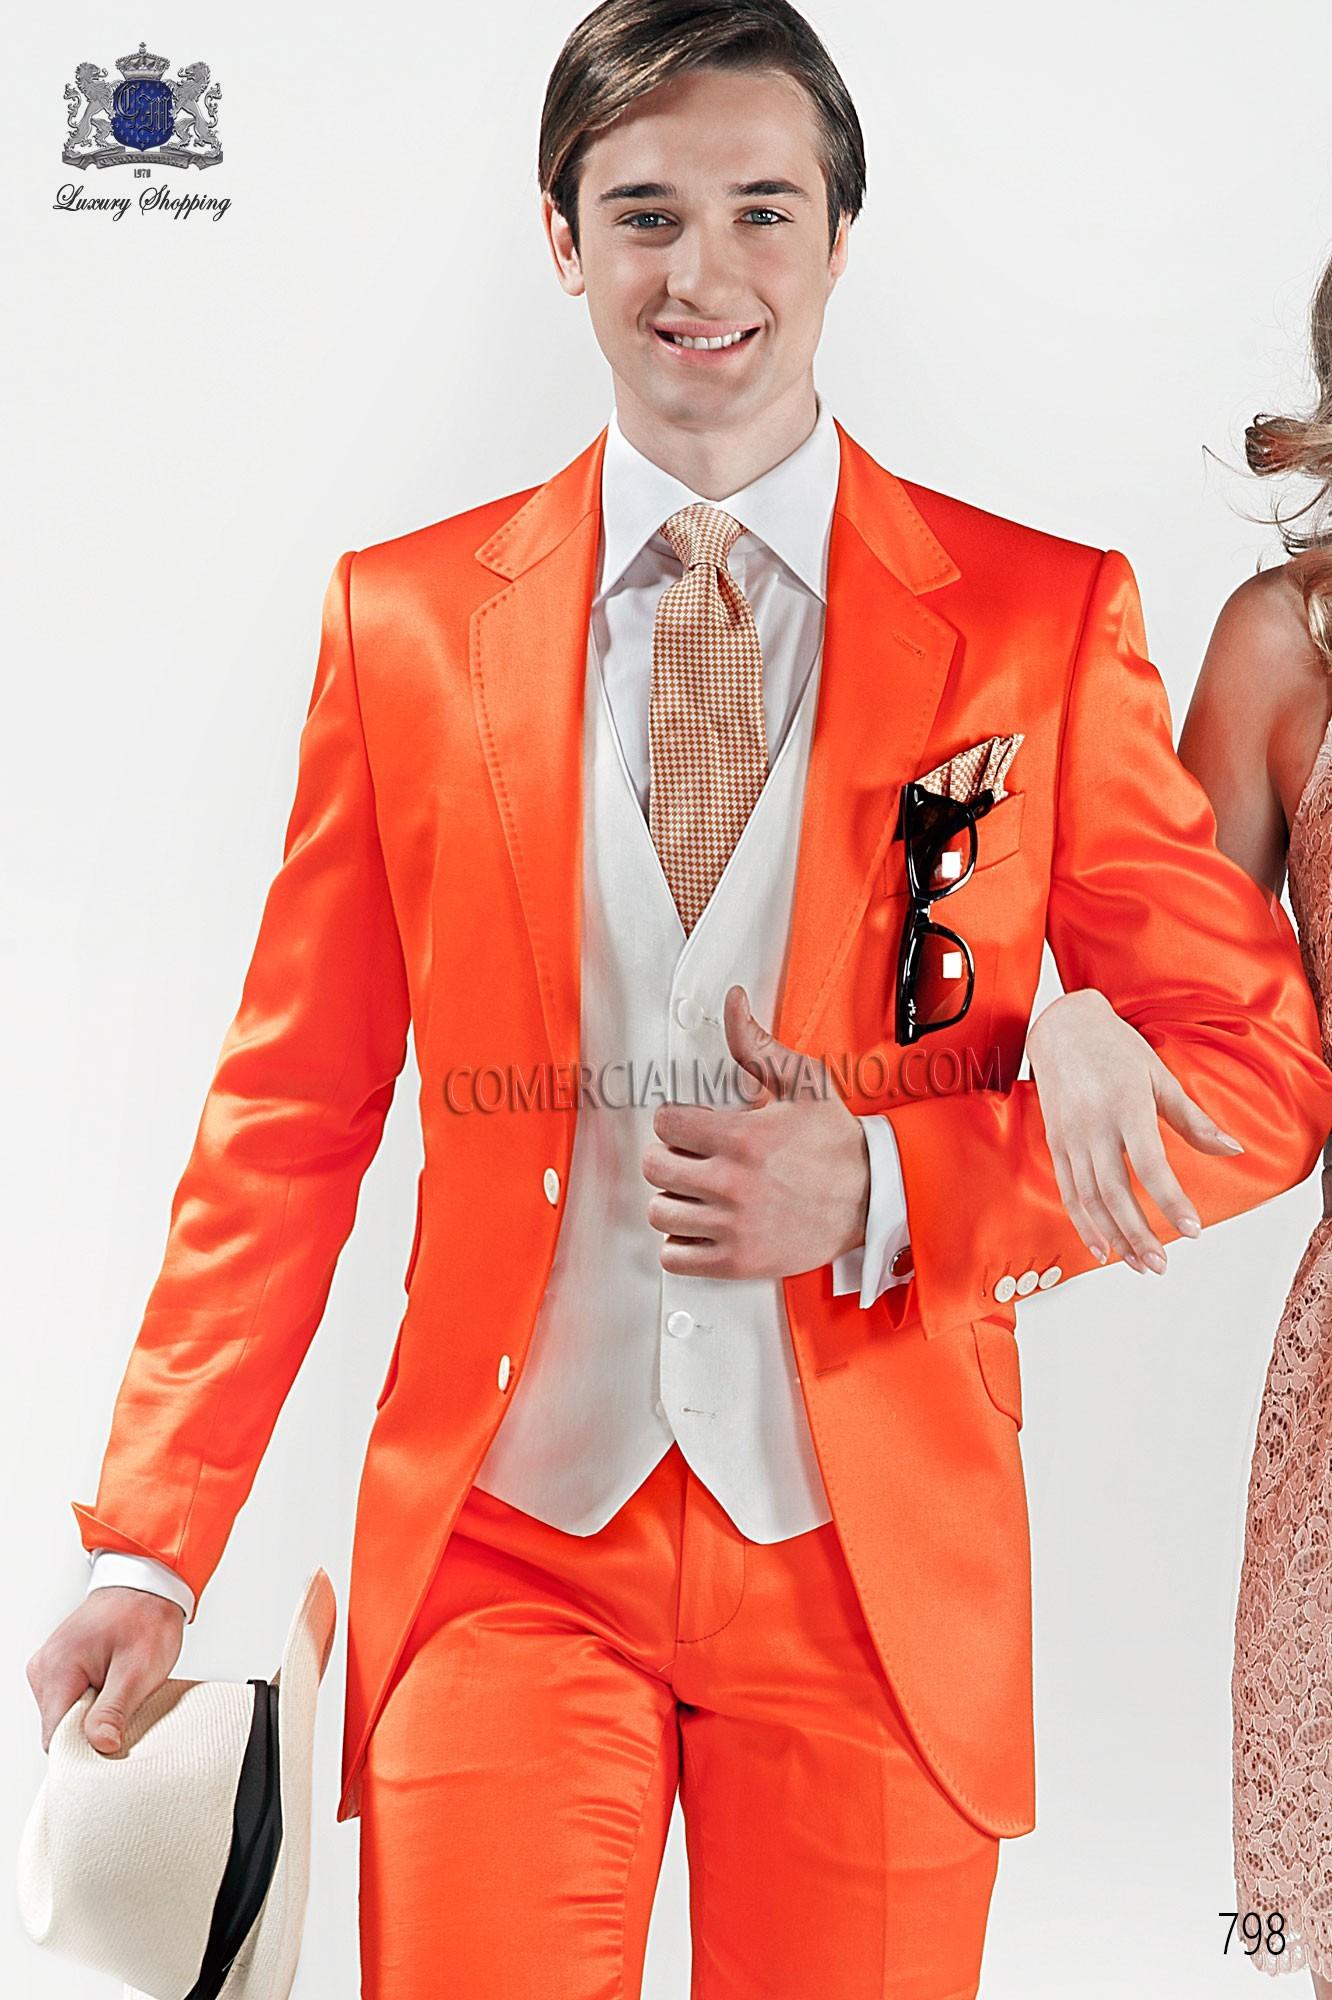 Traje Hipster de novio naranja modelo: 798 Ottavio Nuccio Gala colección Hipster 2017